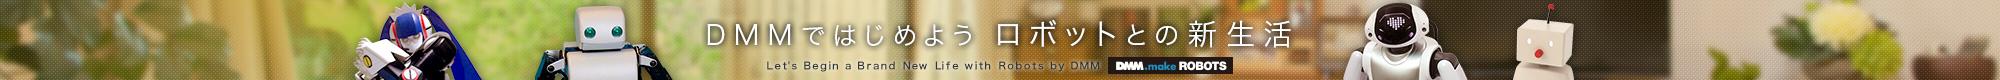 DMMではじめよう ロボットとの新生活